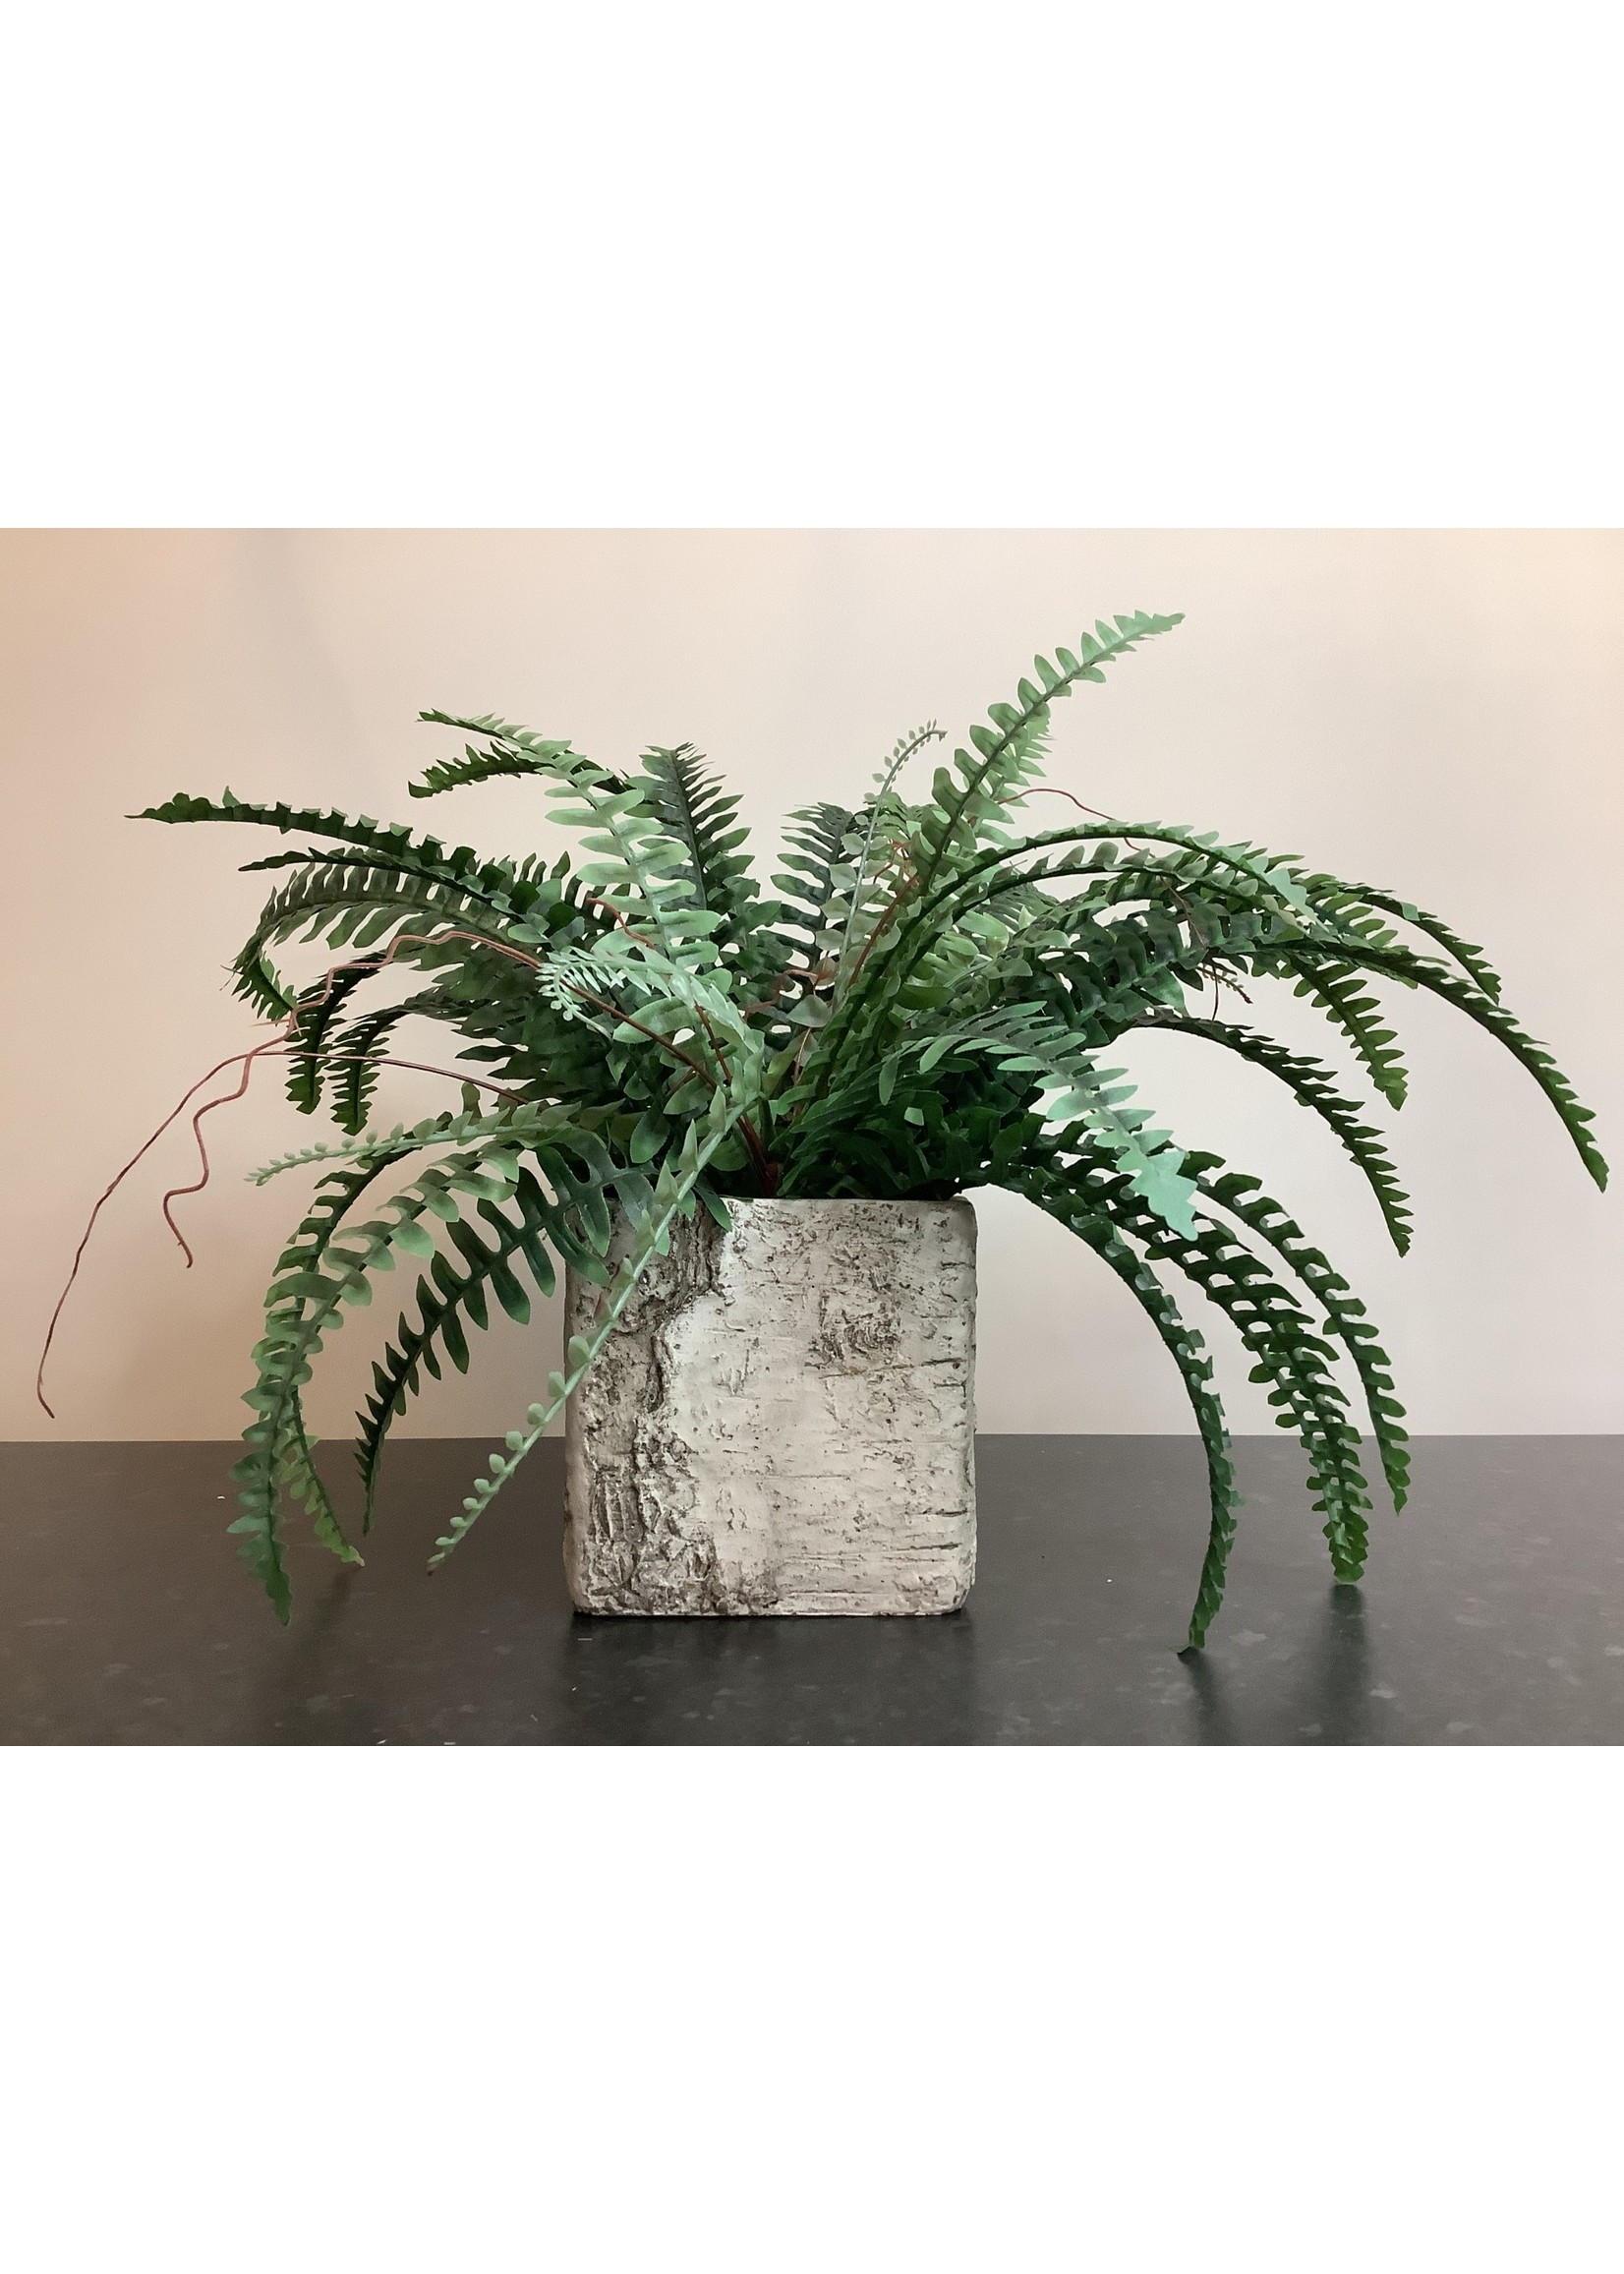 Boston fern in square pot